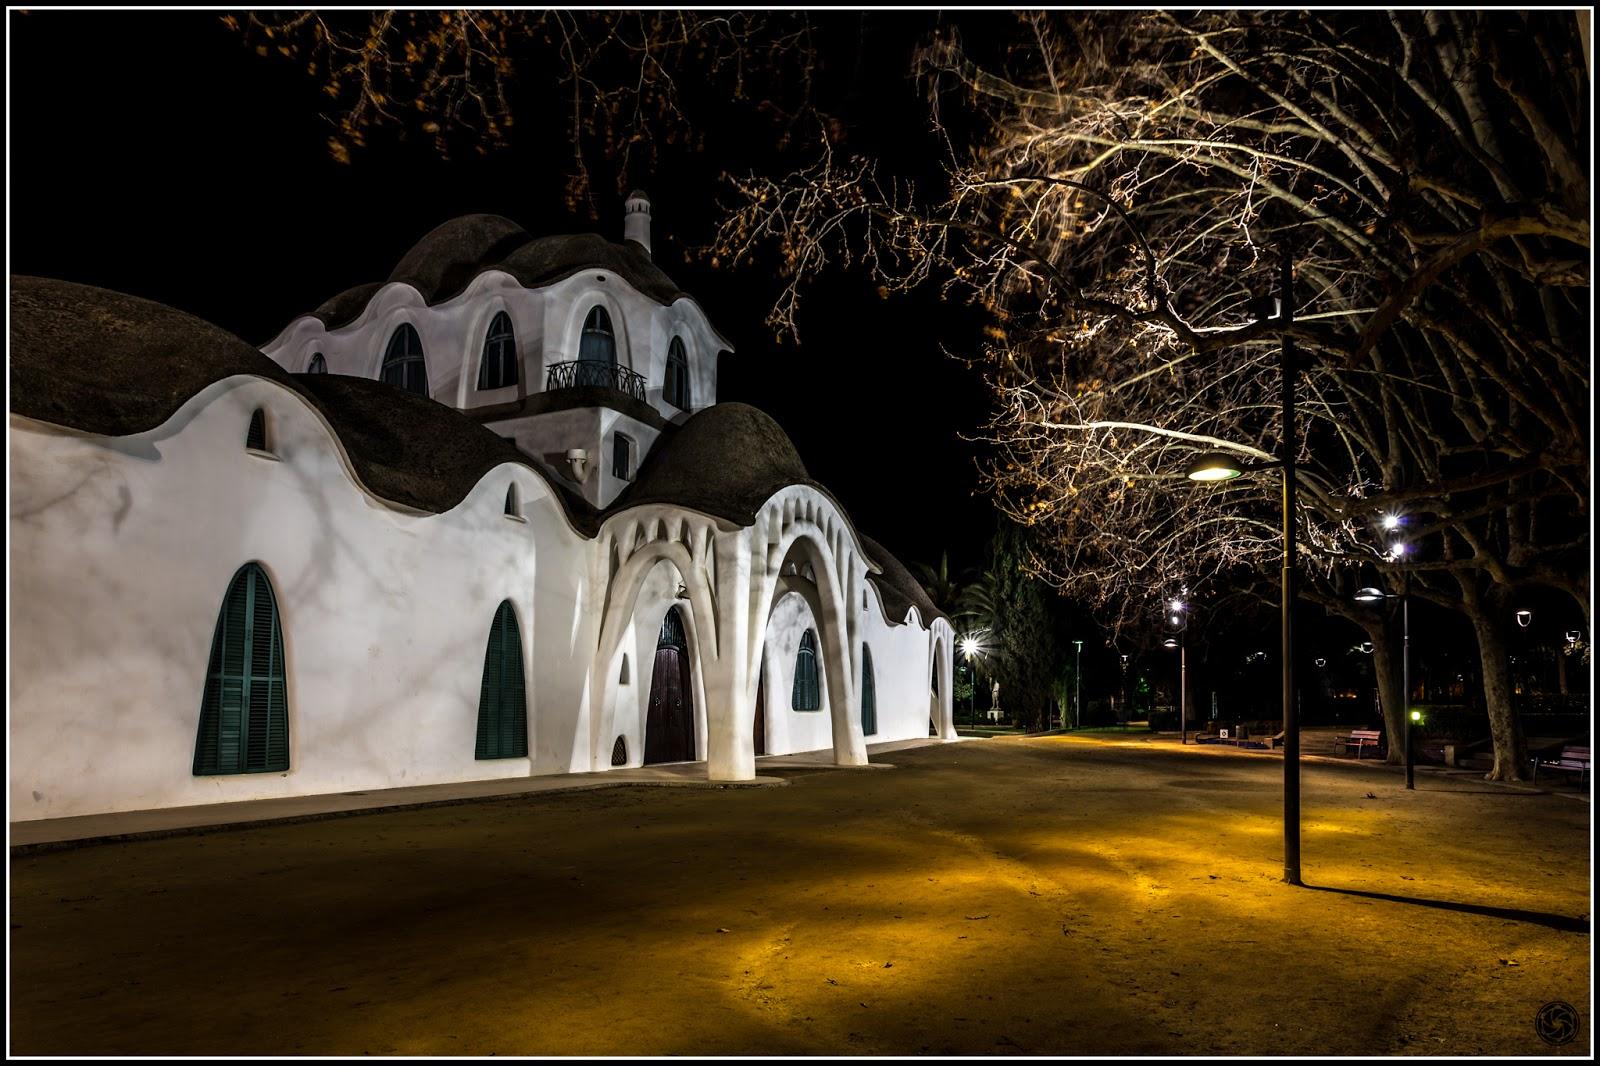 Masía Freixa, vista nocturna de la fachada norte :: Canon EOS 5D MkIII | ISO 100 | Canon 17-40 @21mm | f/10 | 3.2s (trípode)